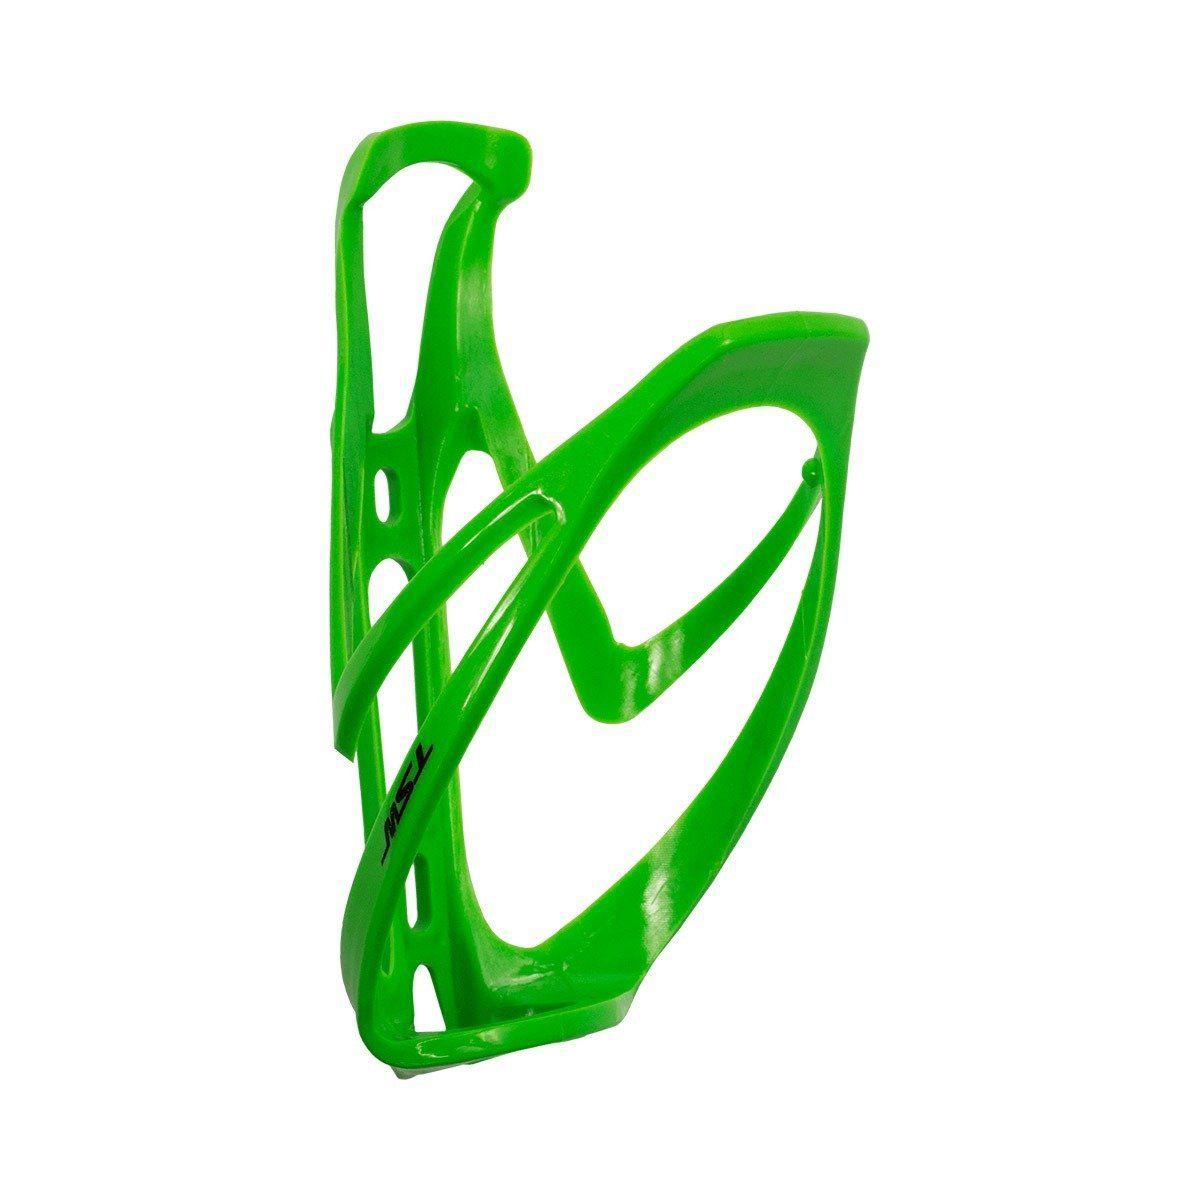 Suporte Caramanhola Tsw - Verde